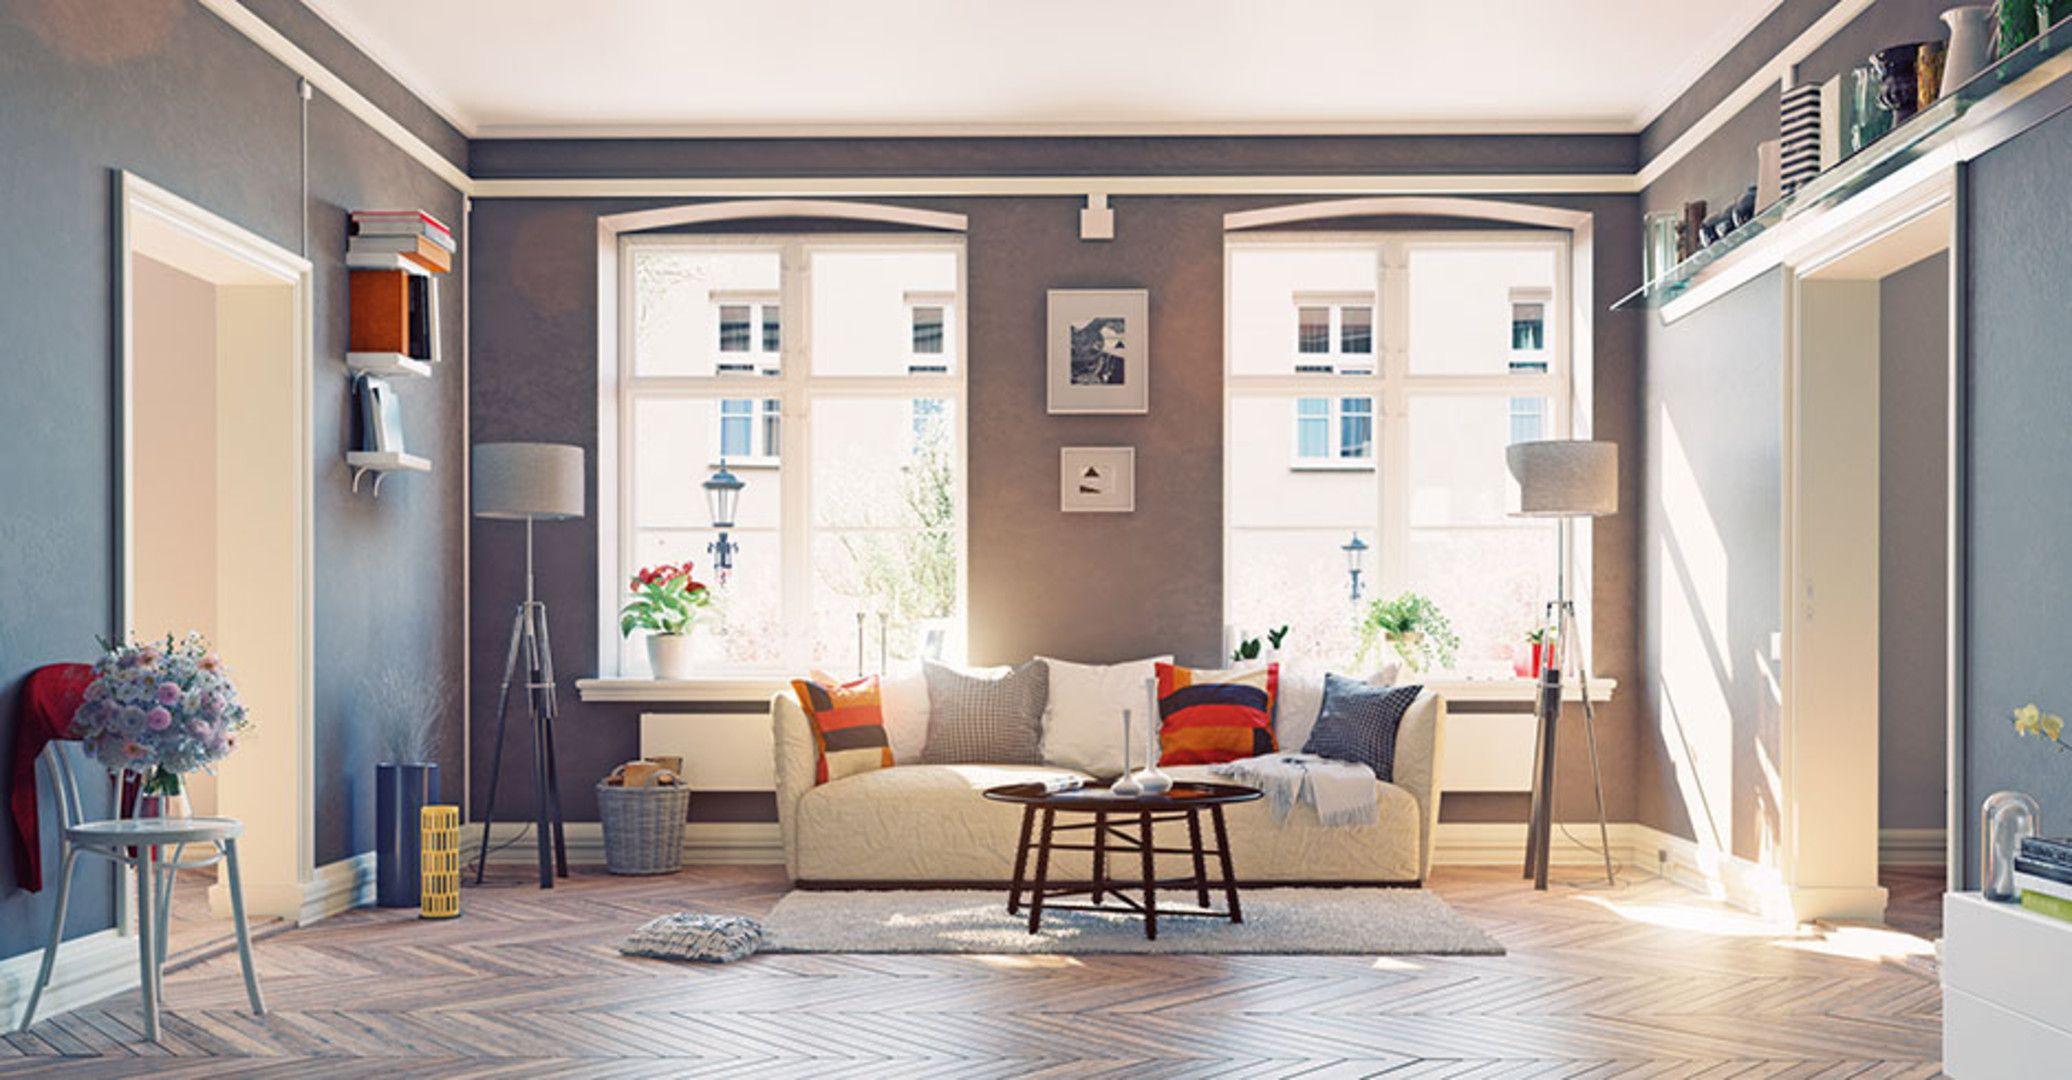 Glücklich wohnen: 5 Dinge für wohliges Zuhause! #News #Wohnen ...